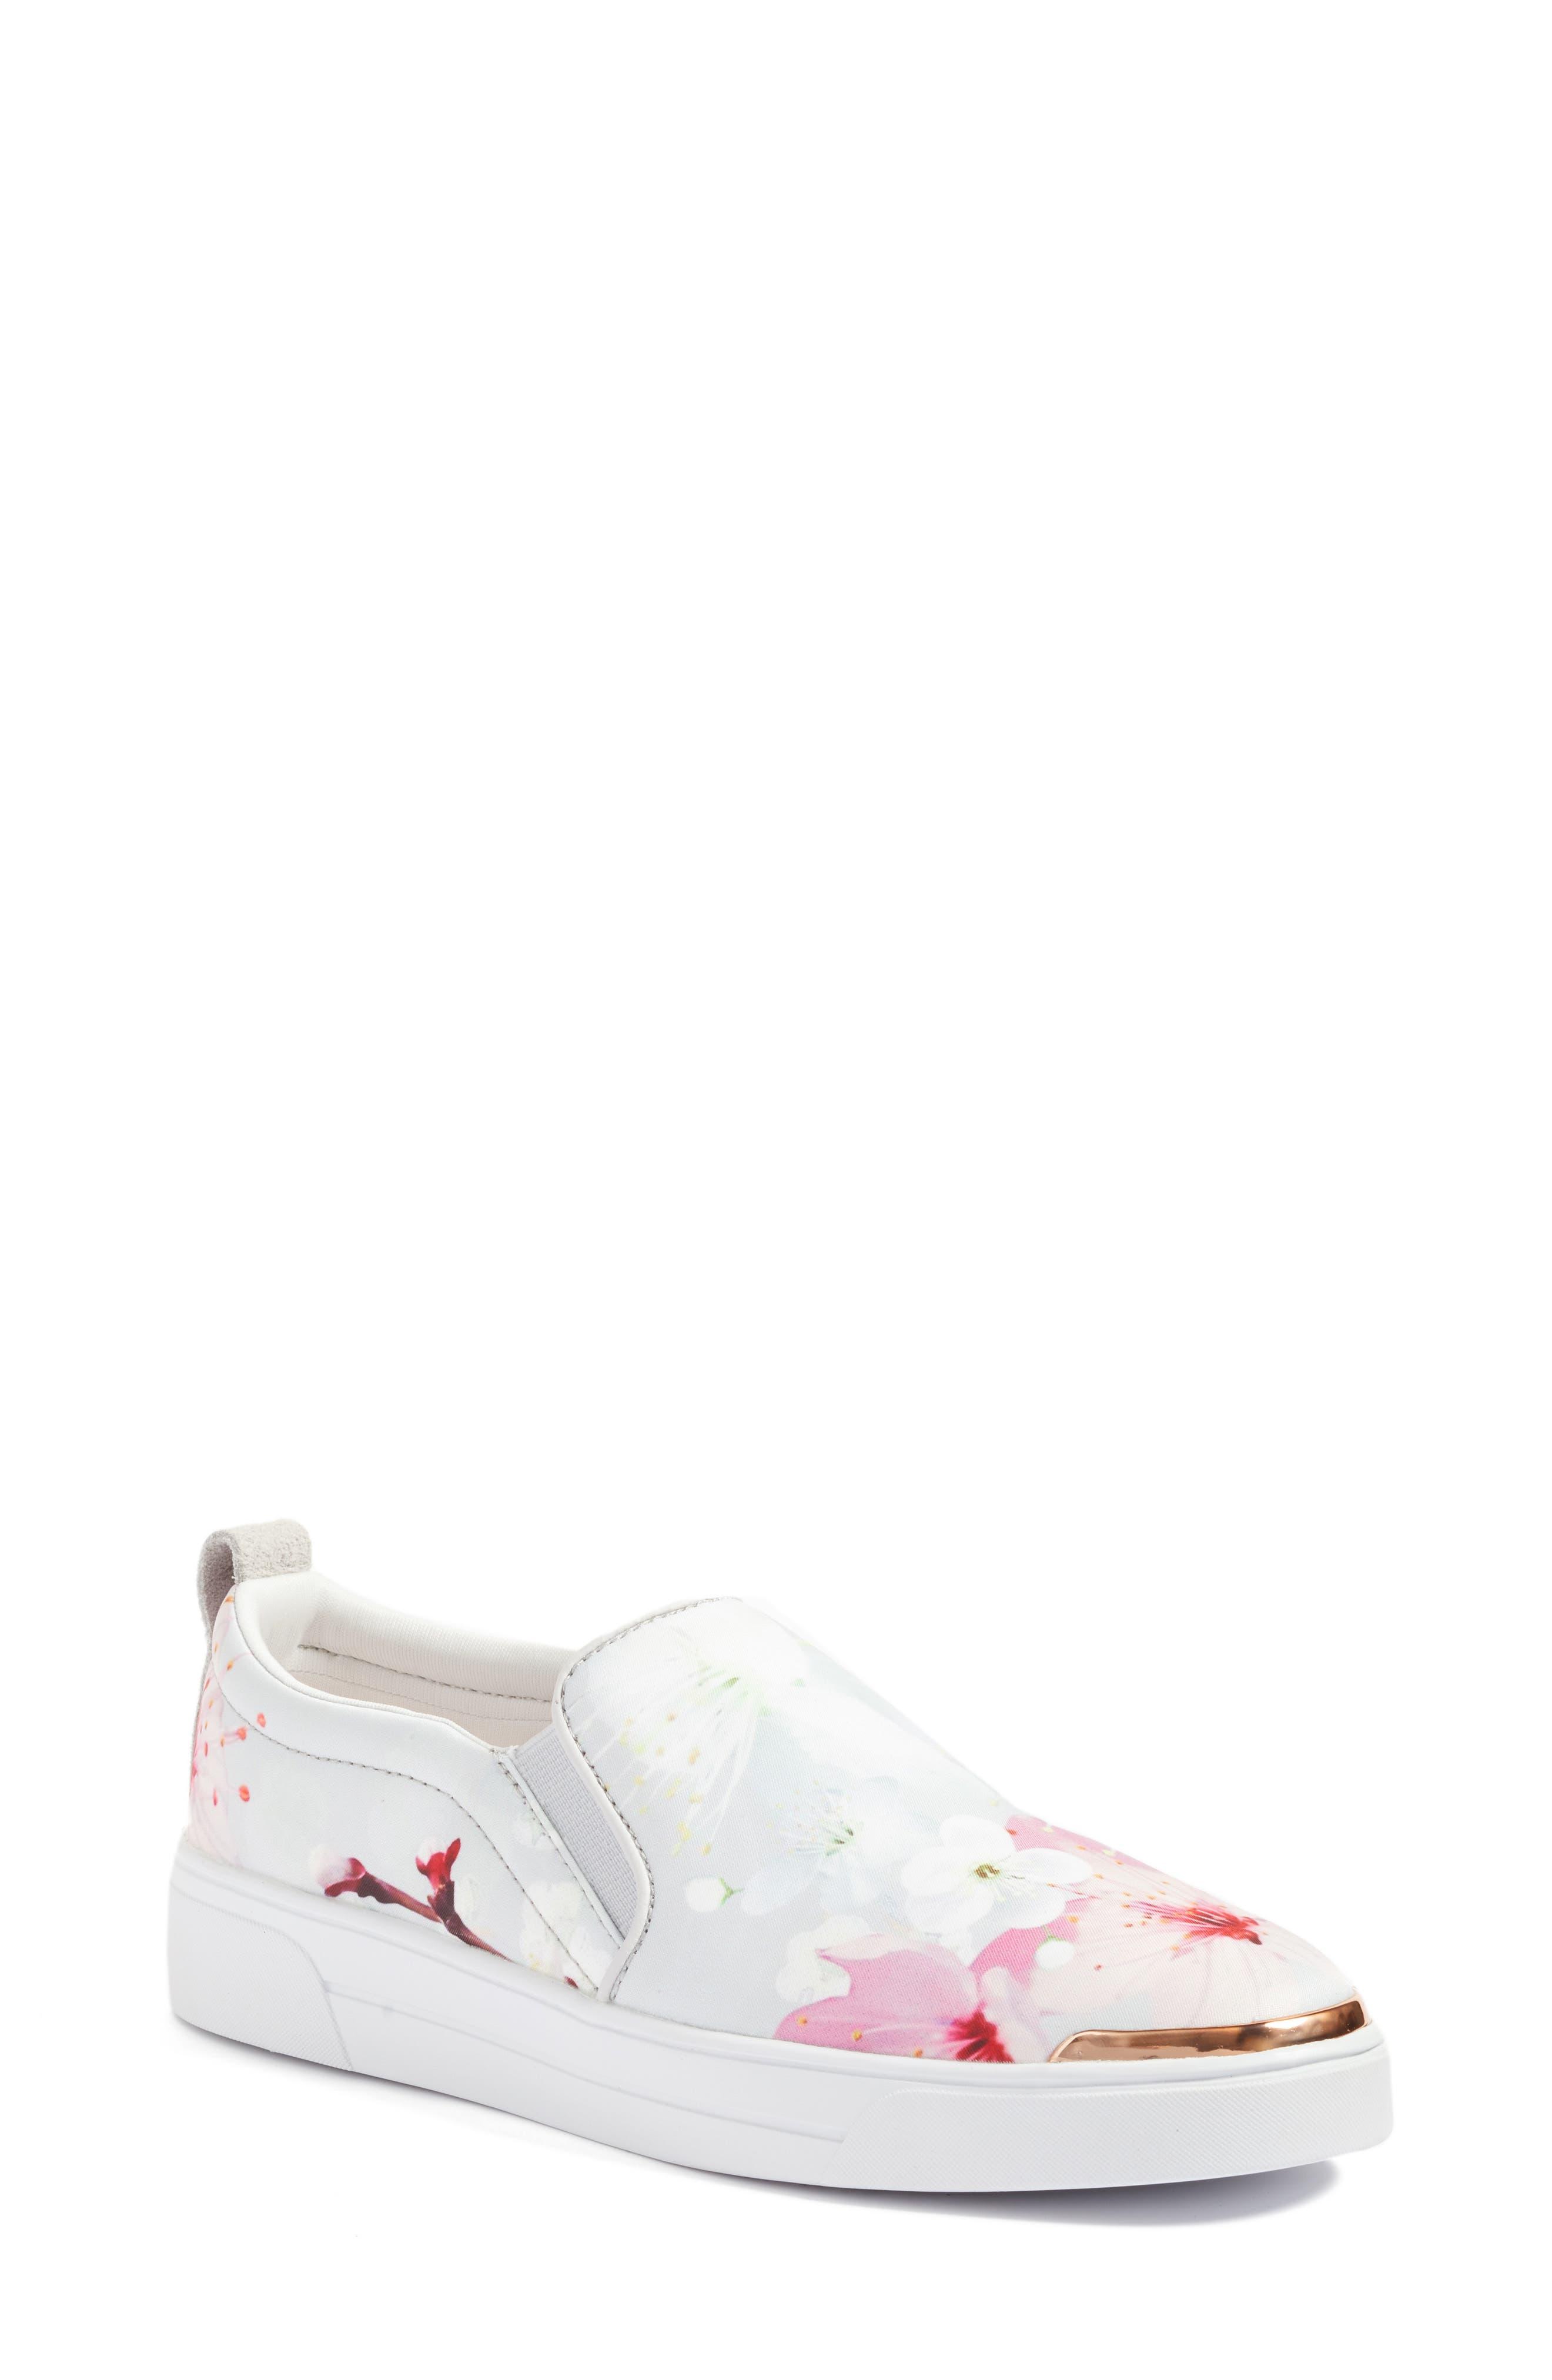 TED BAKER LONDON Tancey Slip-On Sneaker